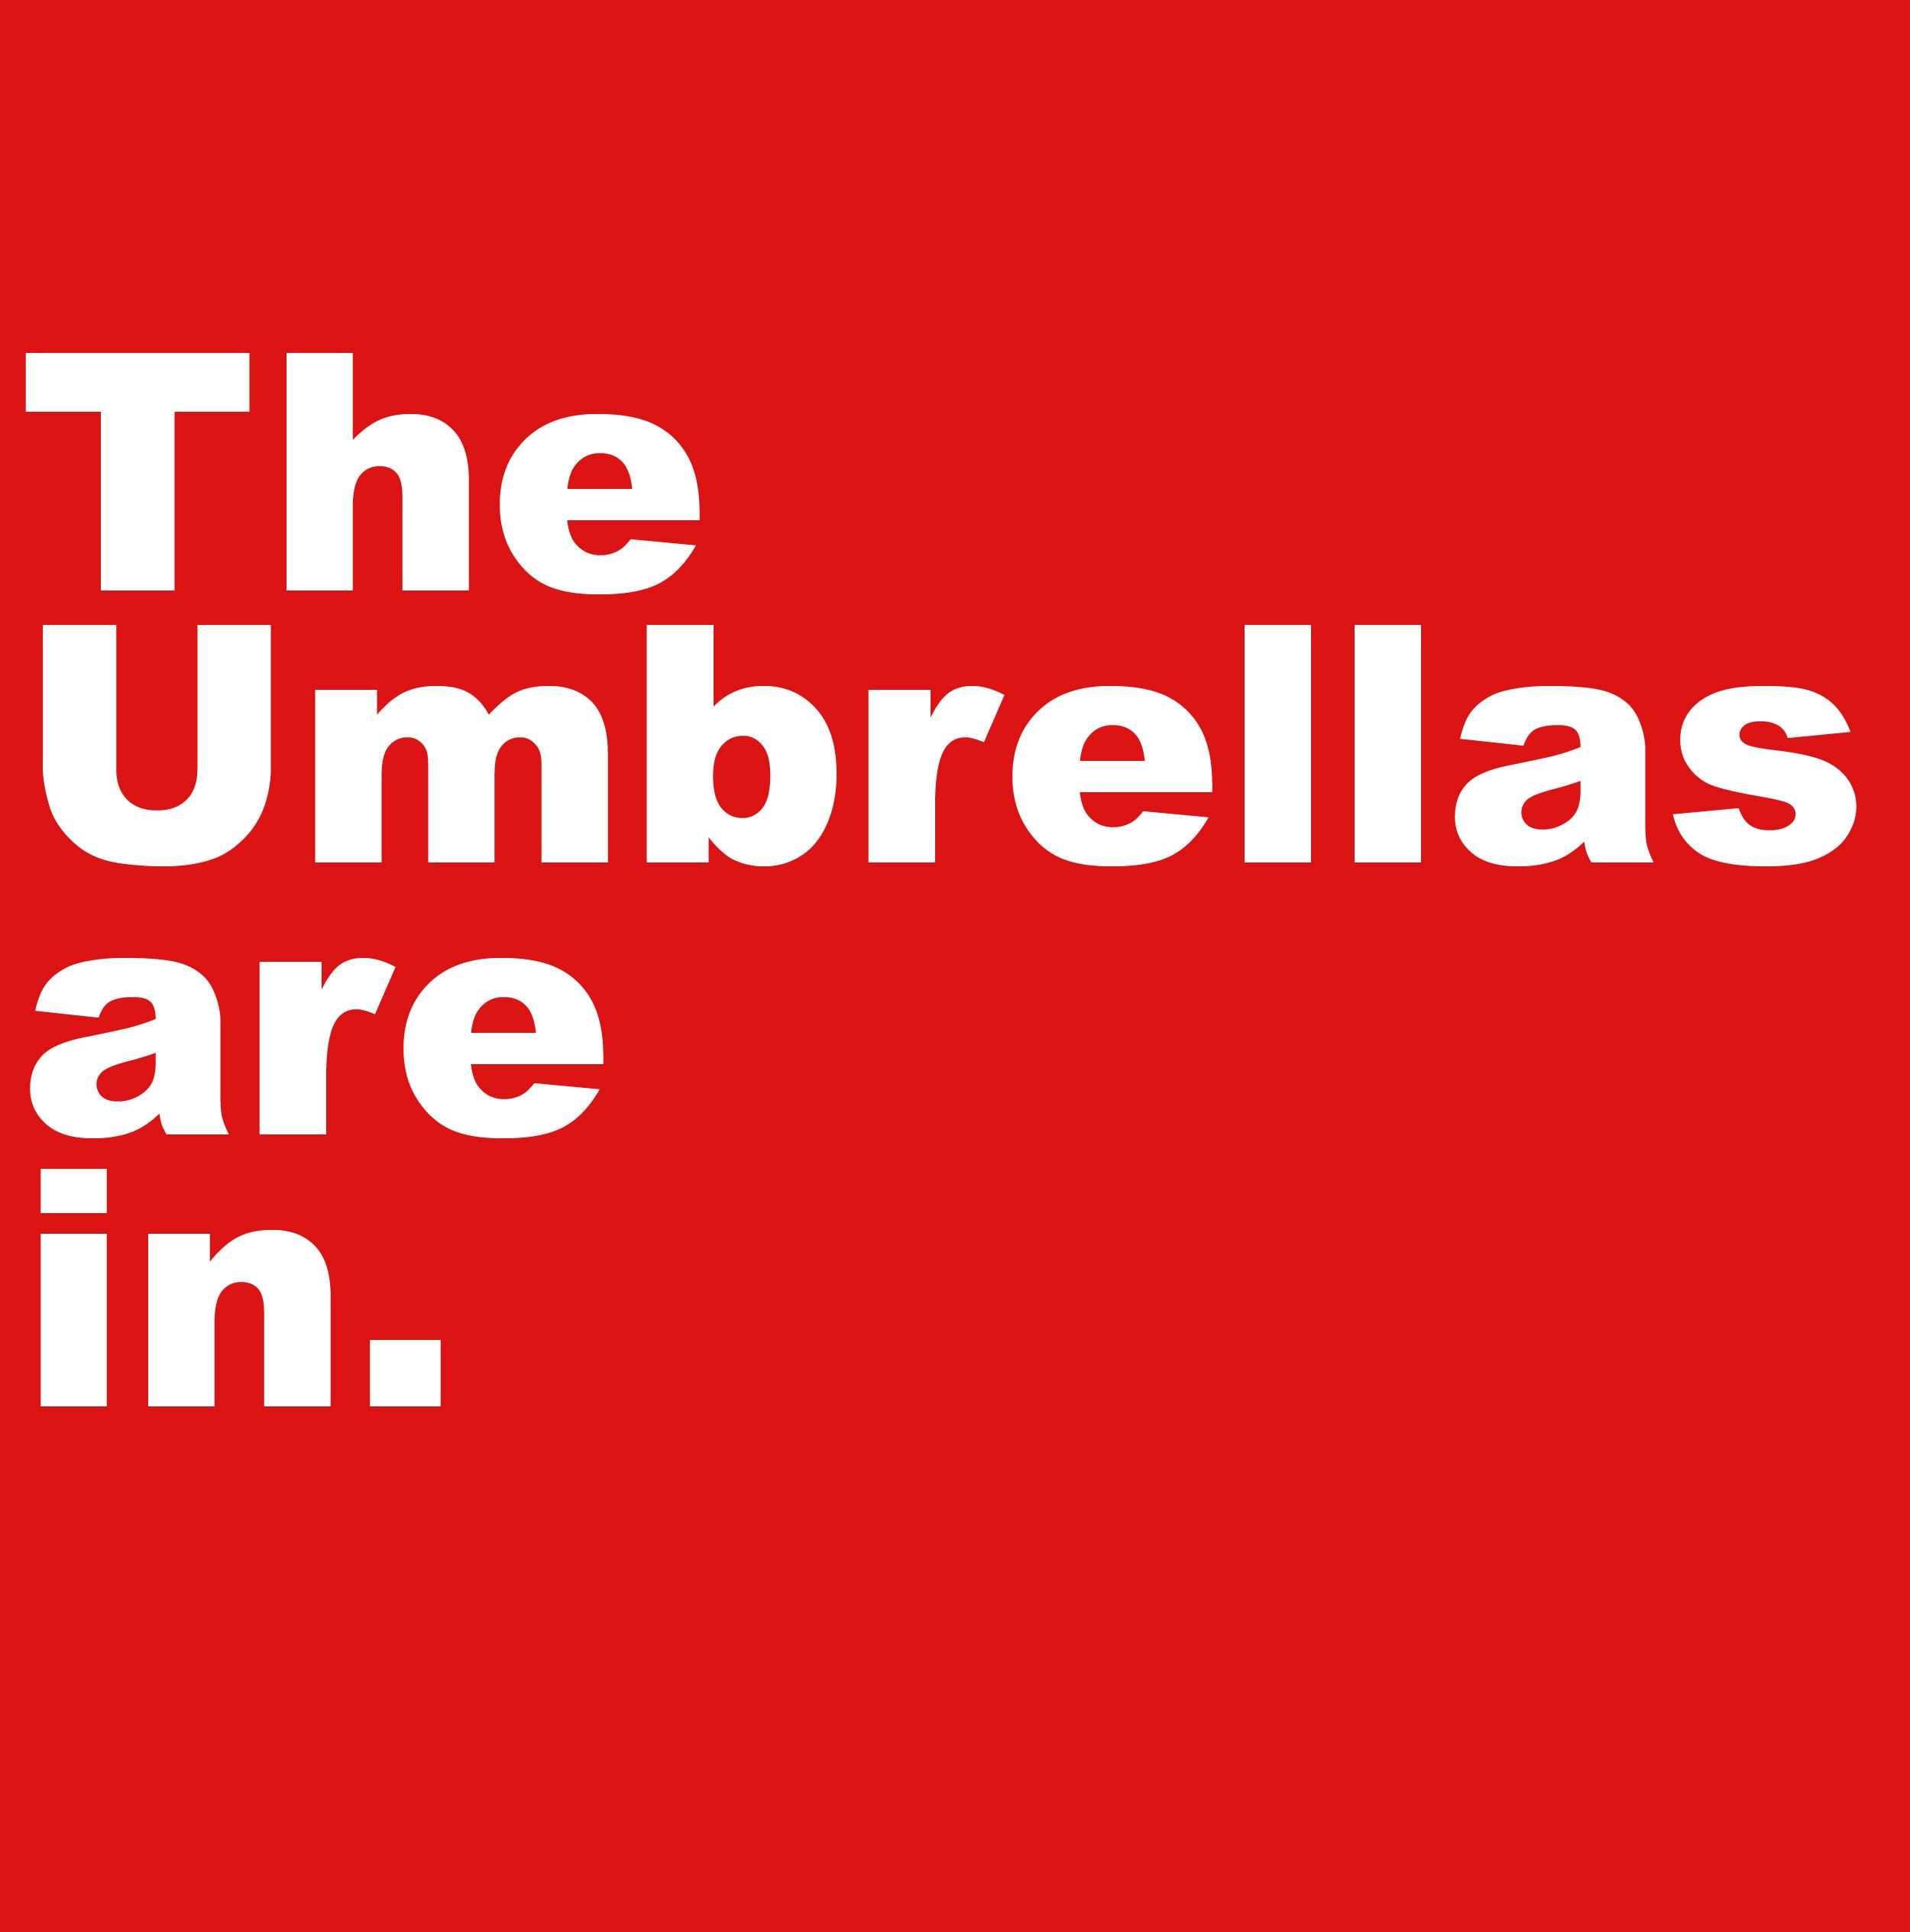 umbrellas are in.jpg